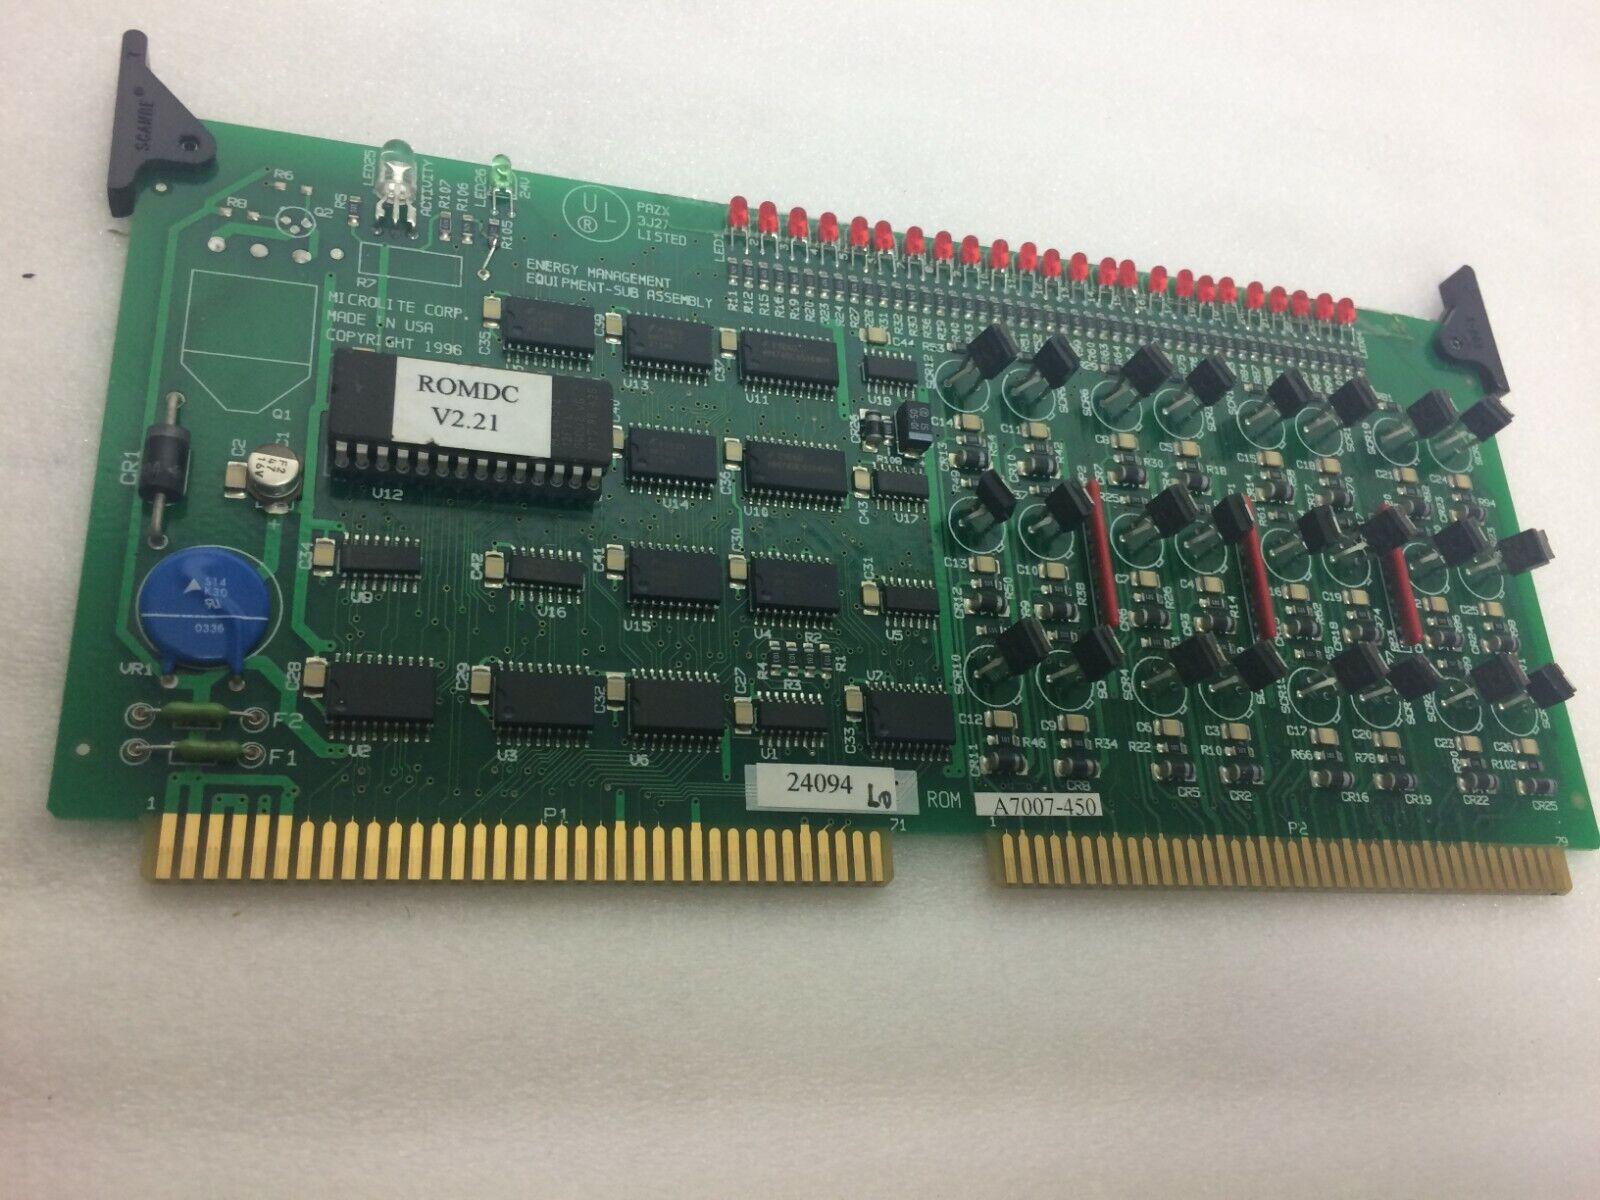 Microlite ROM DC Card v2.21 A7007-450